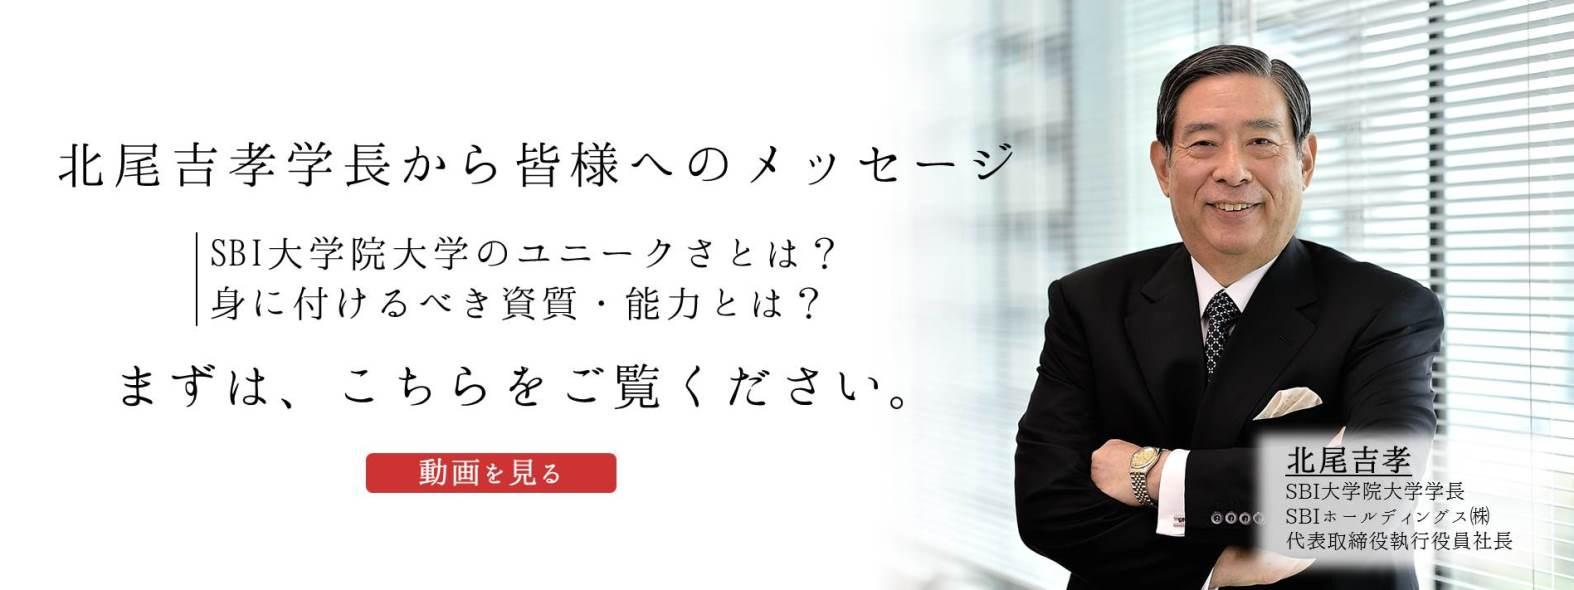 北尾学長メッセージ